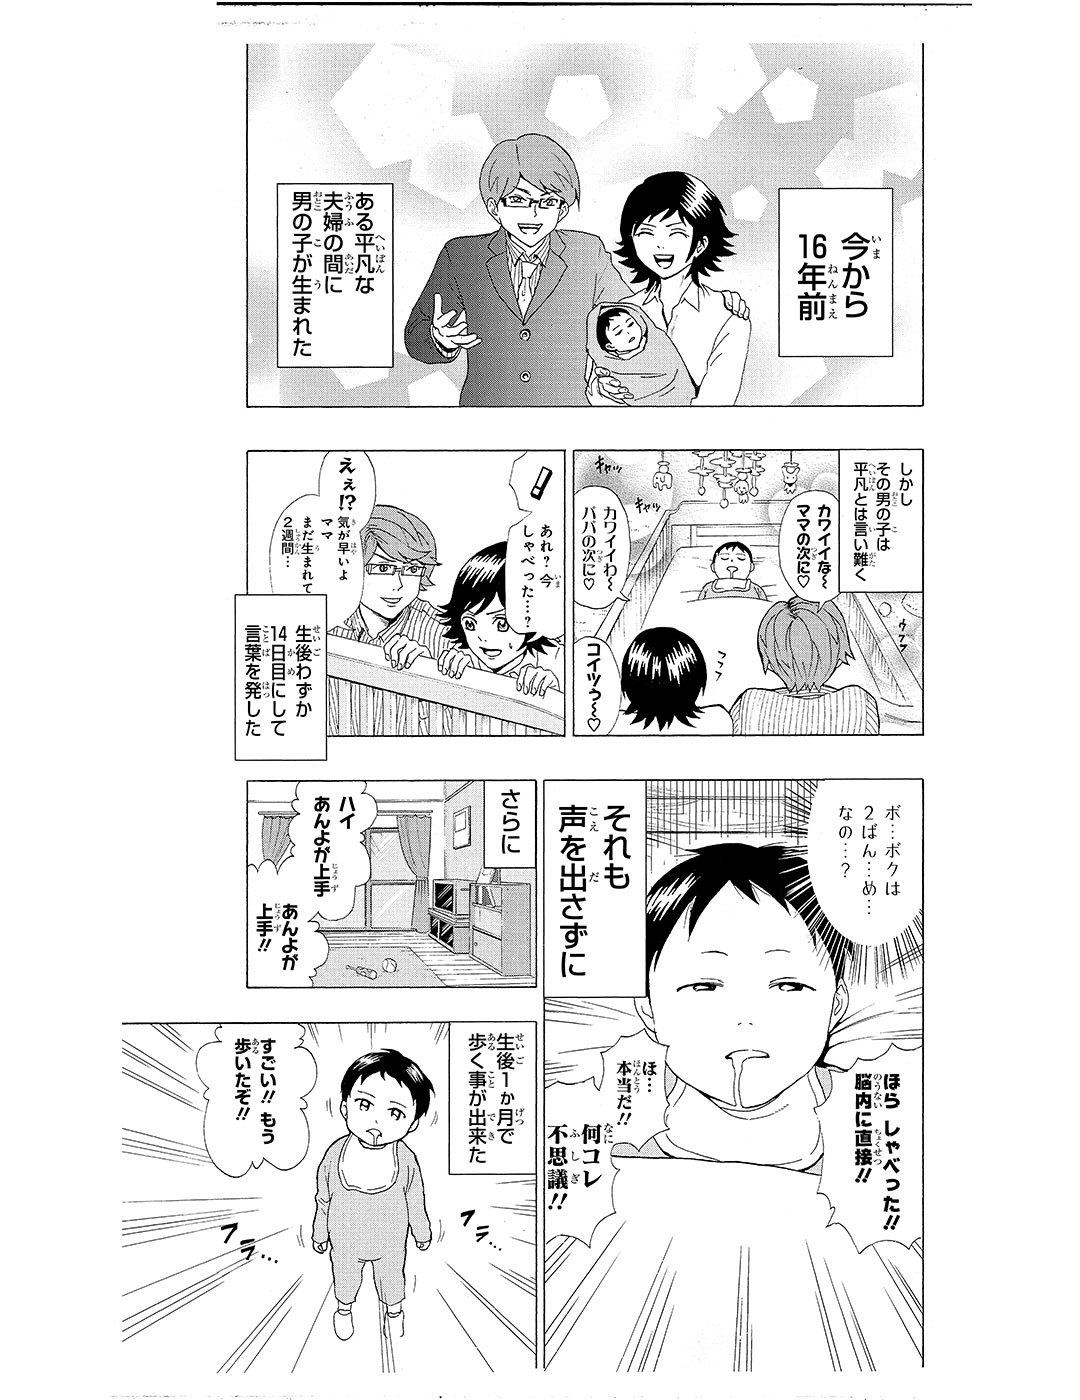 斉木楠雄のΨ難 第1話|試し読み_1_1-5